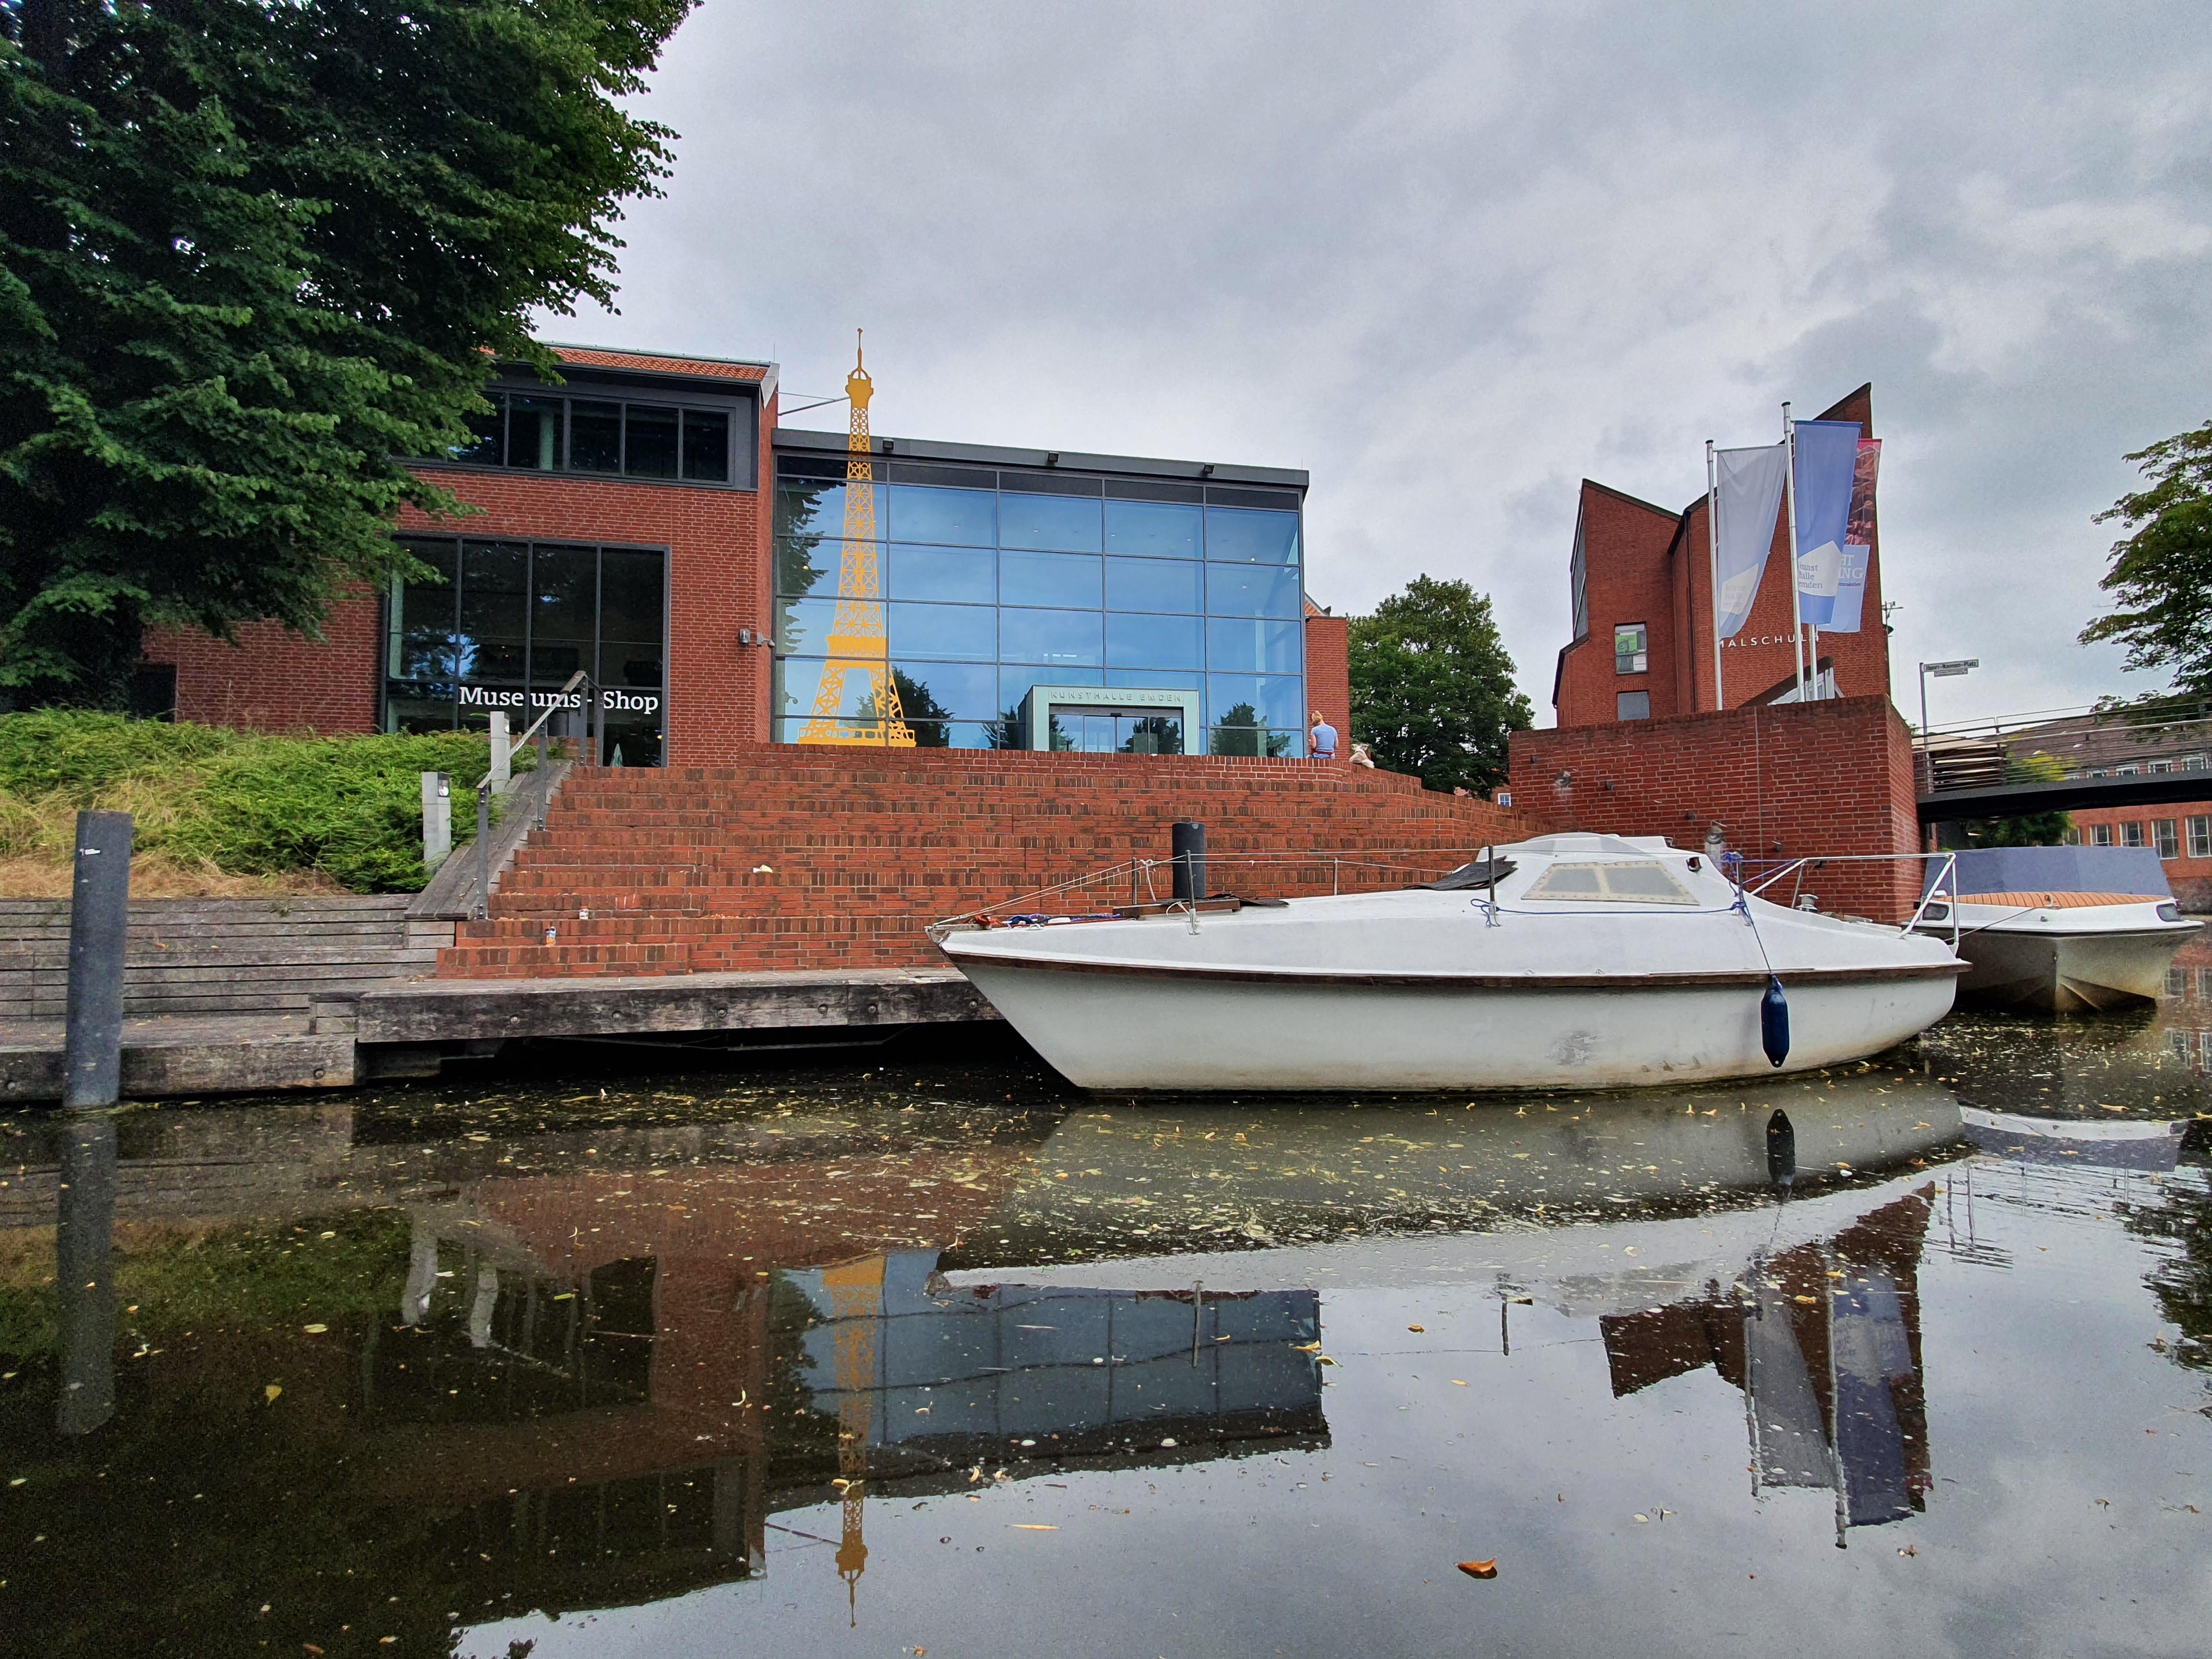 Henri Nannen Kunsthalle Emden